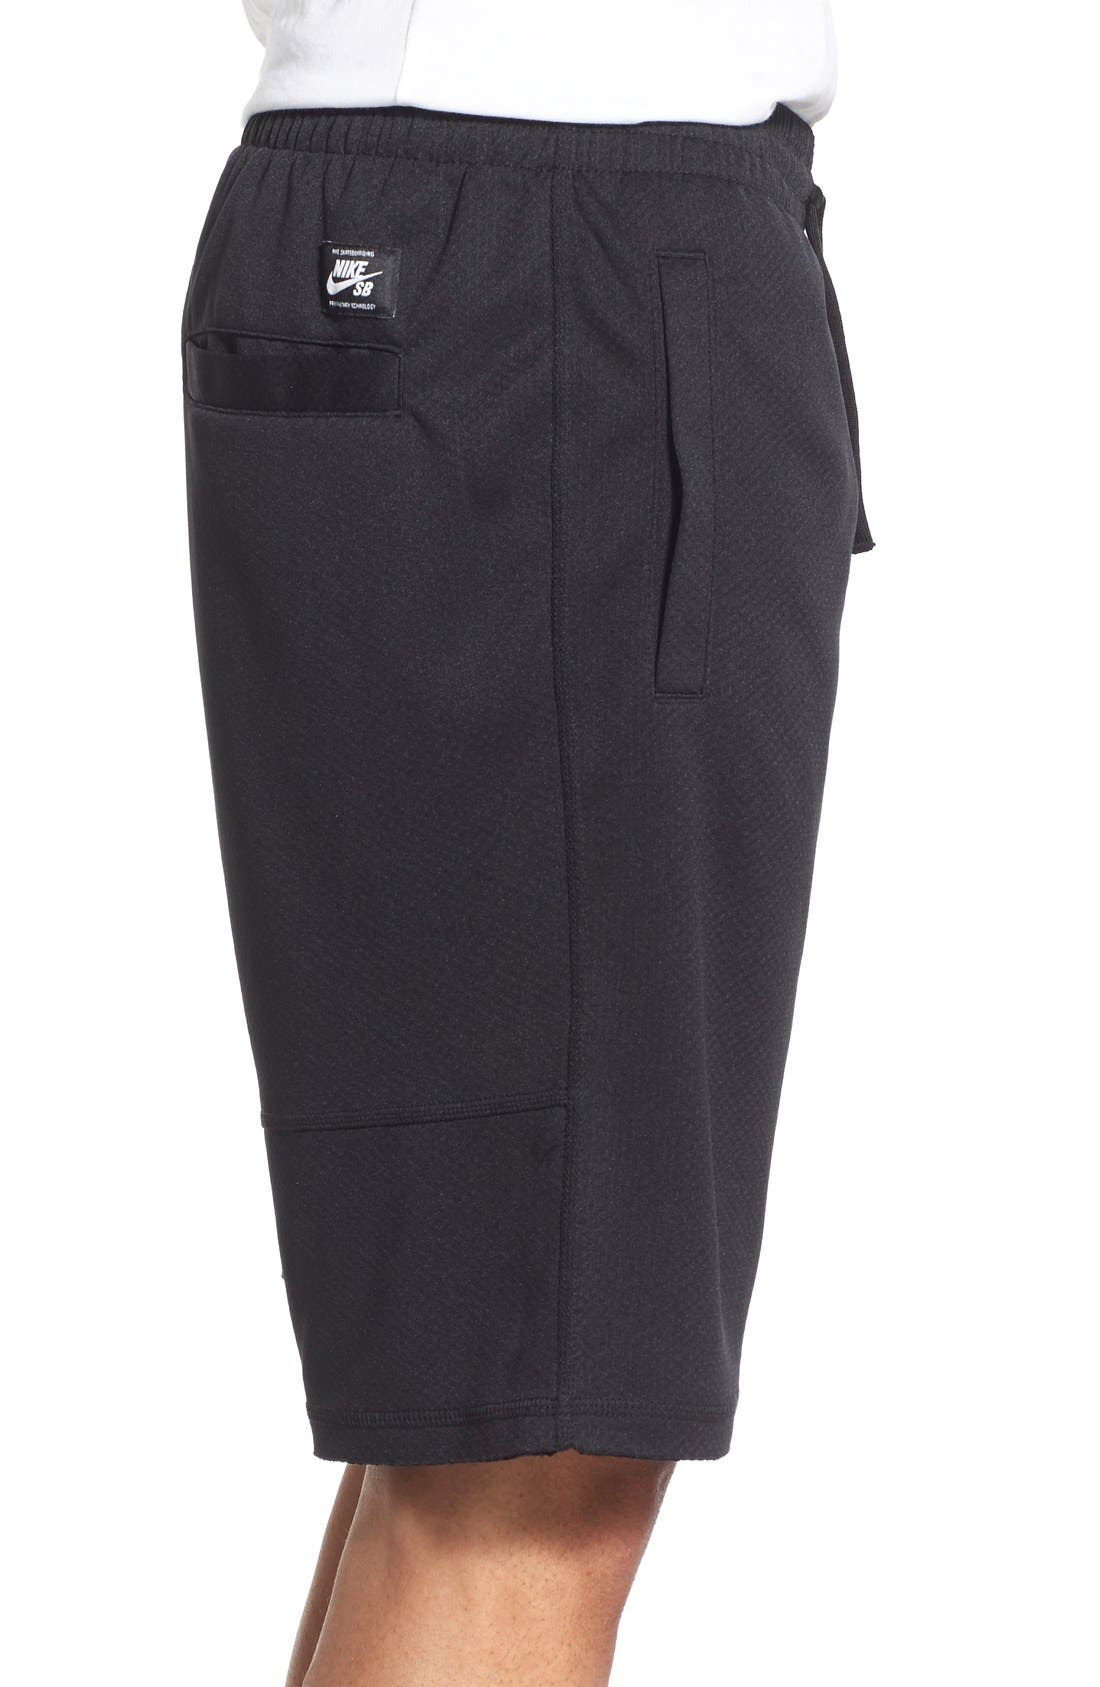 SB 'Stripe Sunday' Dri-FIT Shorts,                             Alternate thumbnail 3, color,                             Black/White